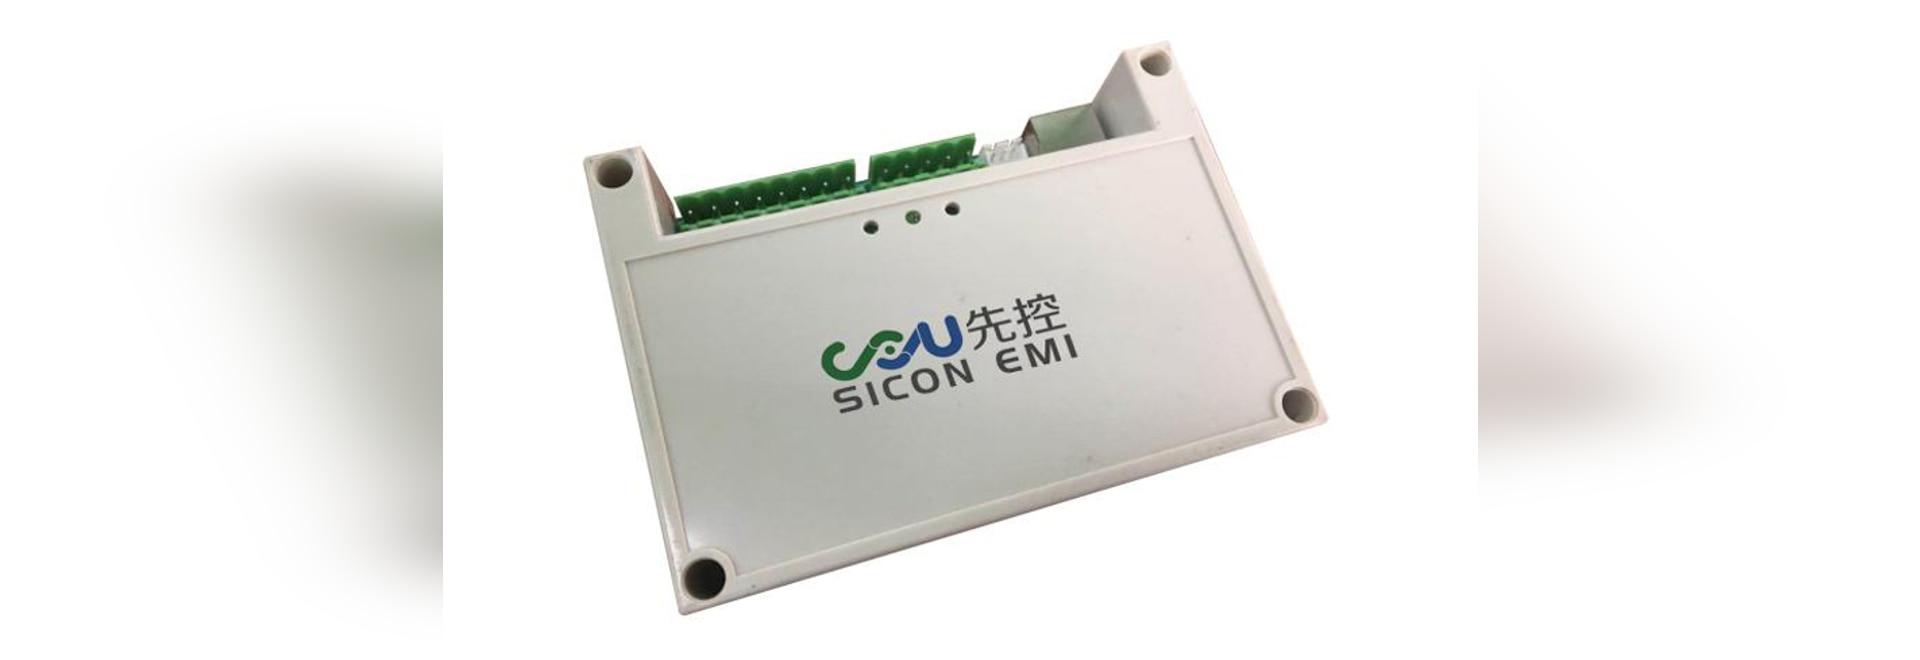 Modem de communication par courant porteur (modem PLC) pour la communication entre EV et EVSE